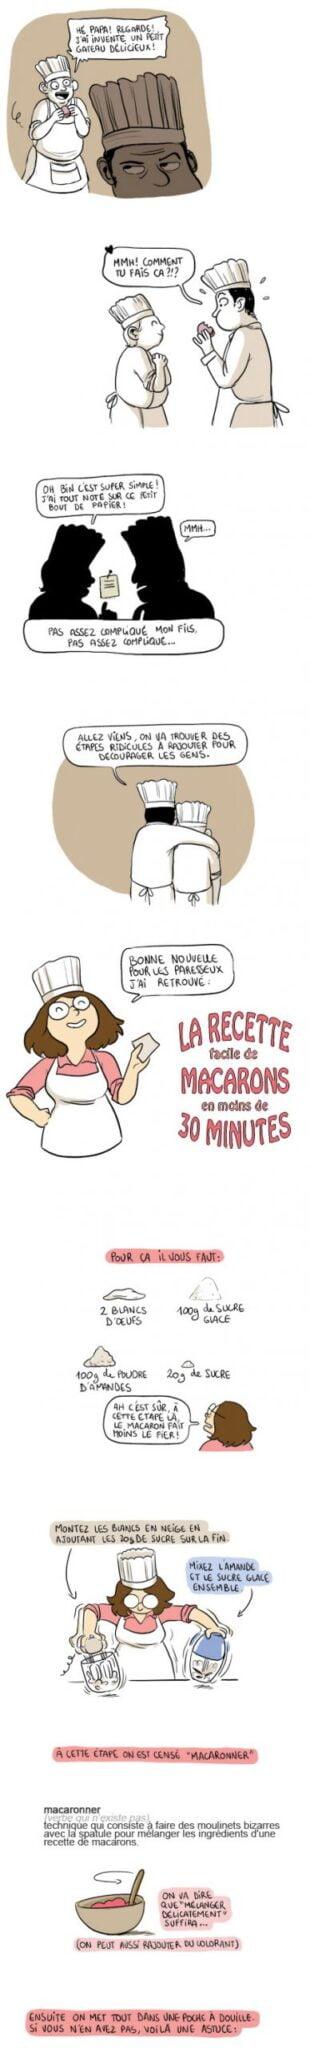 Macaron sans la durée 1